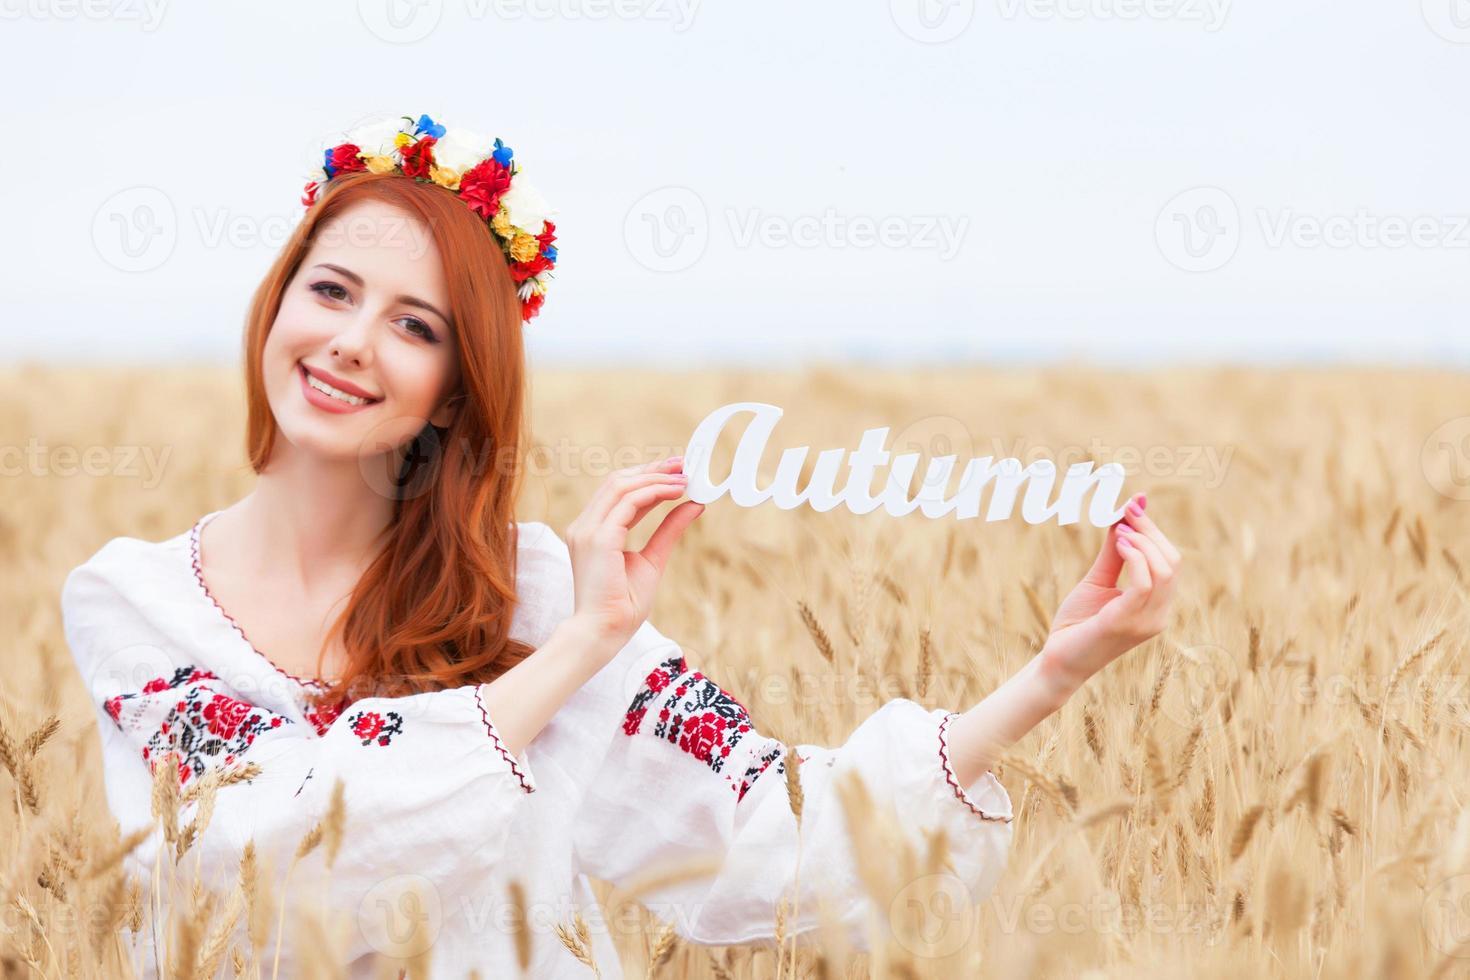 fille rousse en vêtements ukrainiens nationaux avec mot en bois autu photo